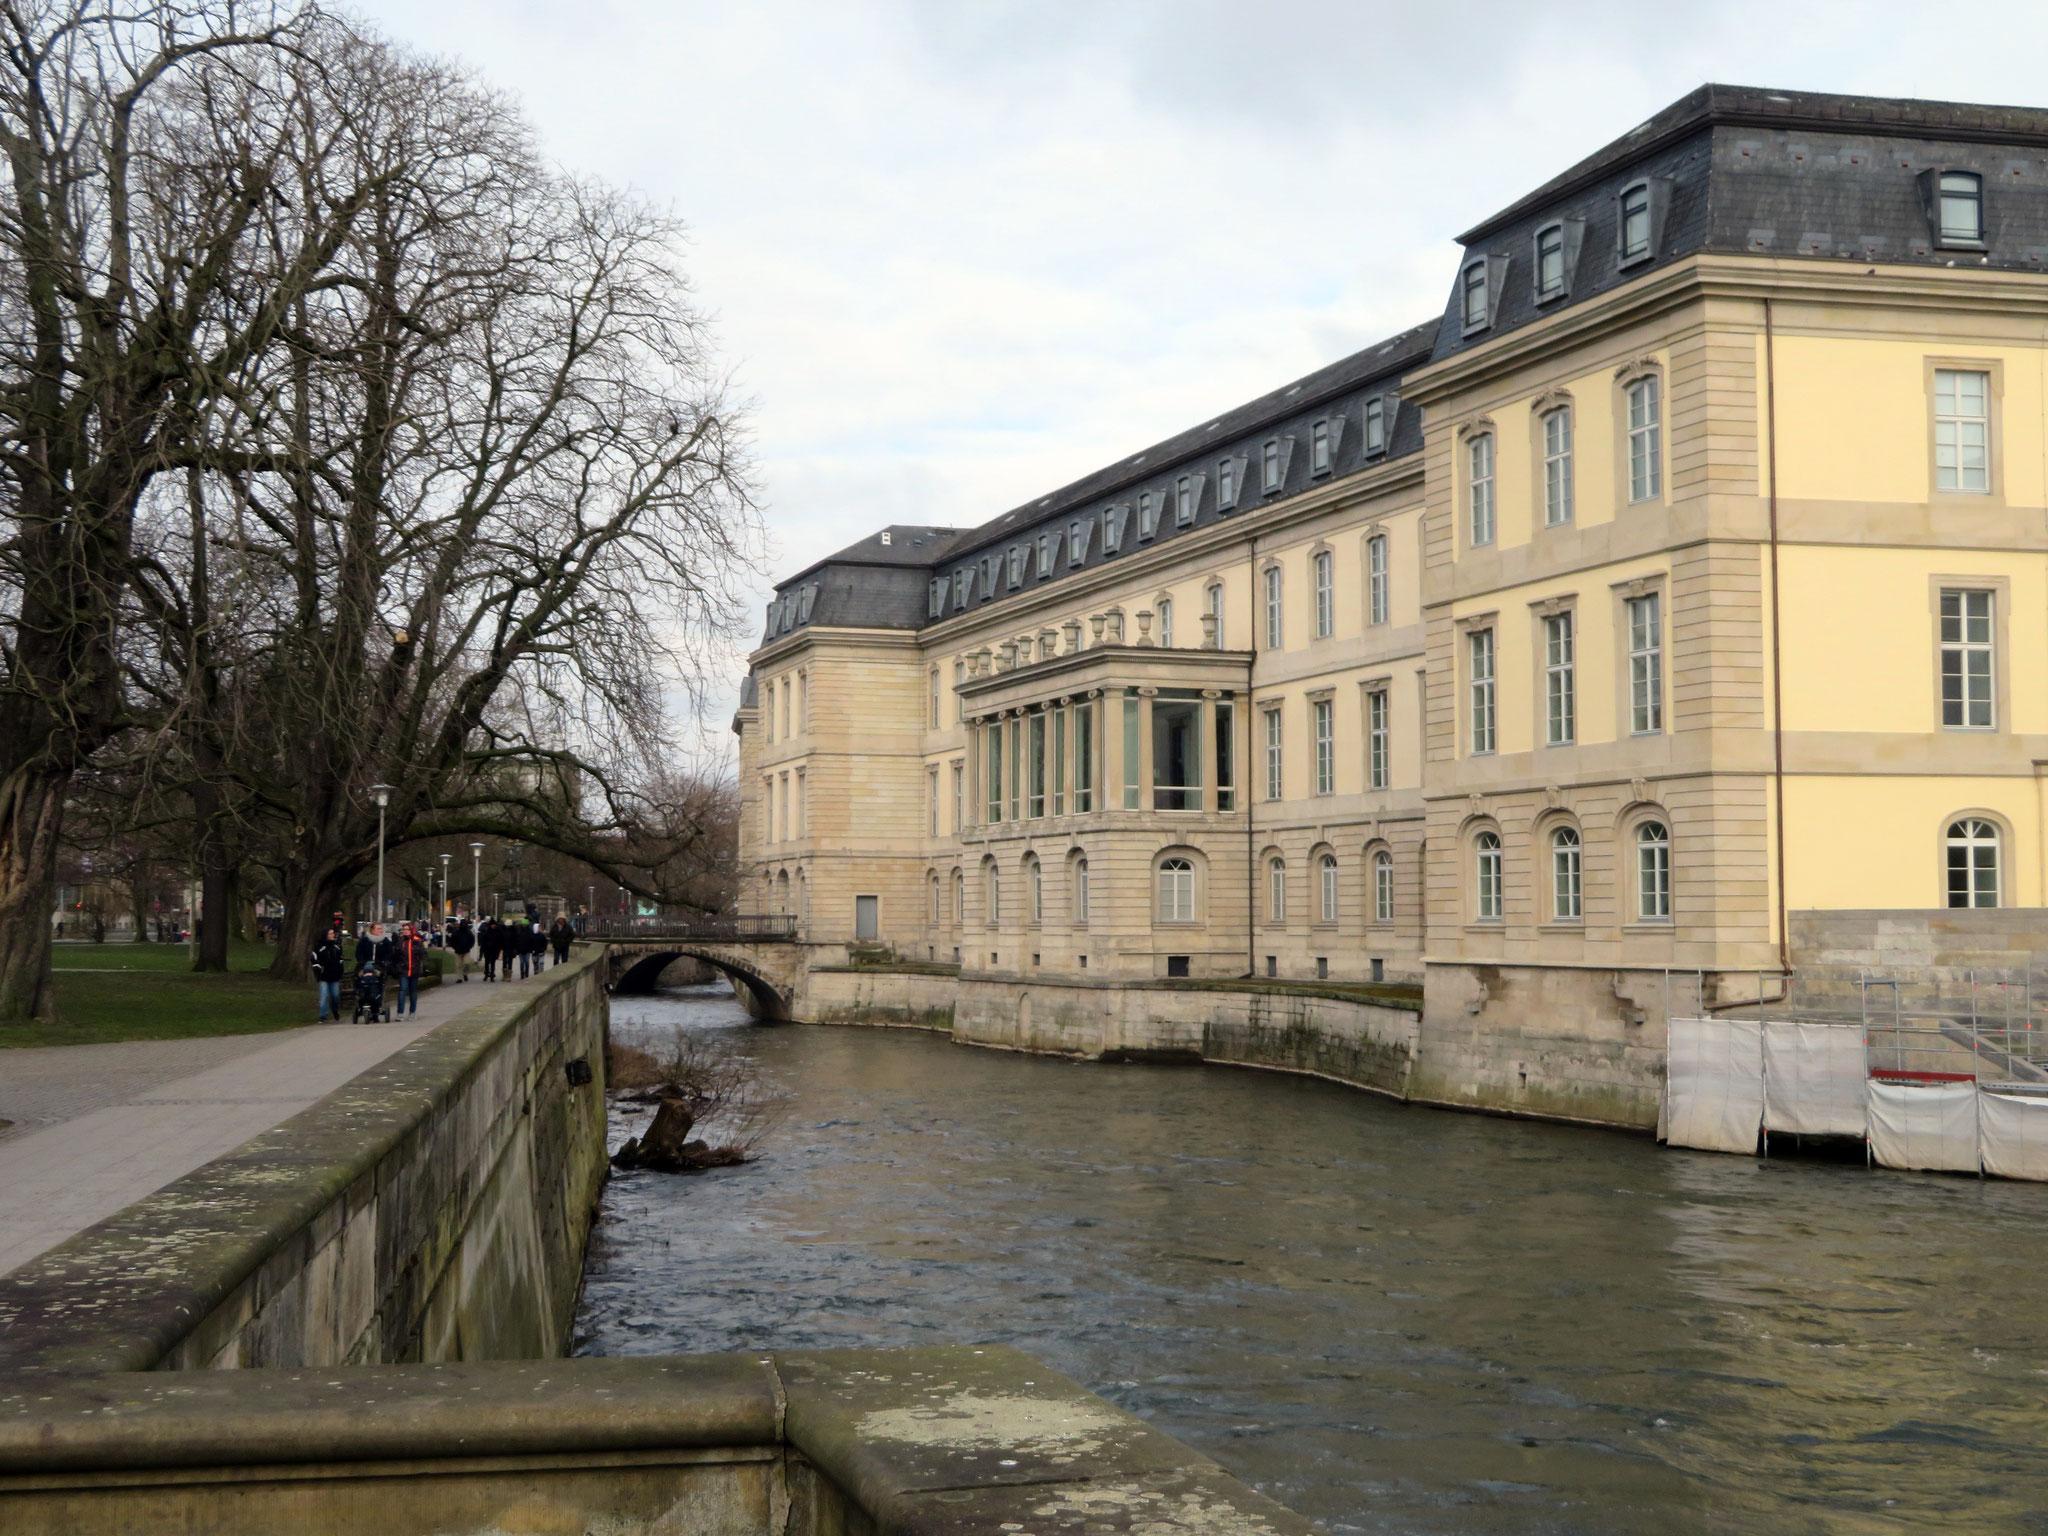 Leine-Schloss in Hannover - Niedersächsischer Landtag